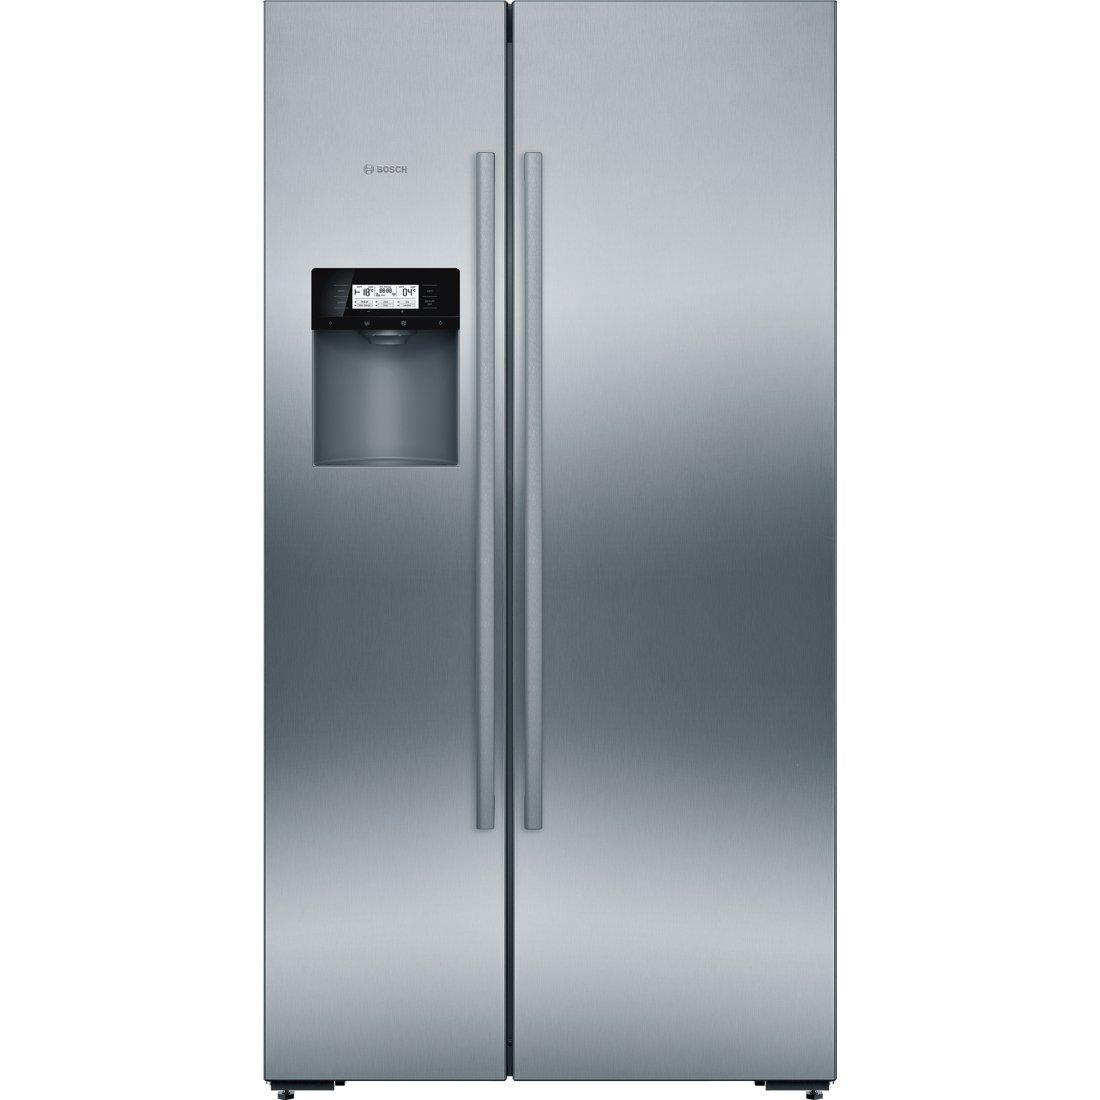 Consigli per la scelta di un frigorifero Bosch, prezzi ed offerte online